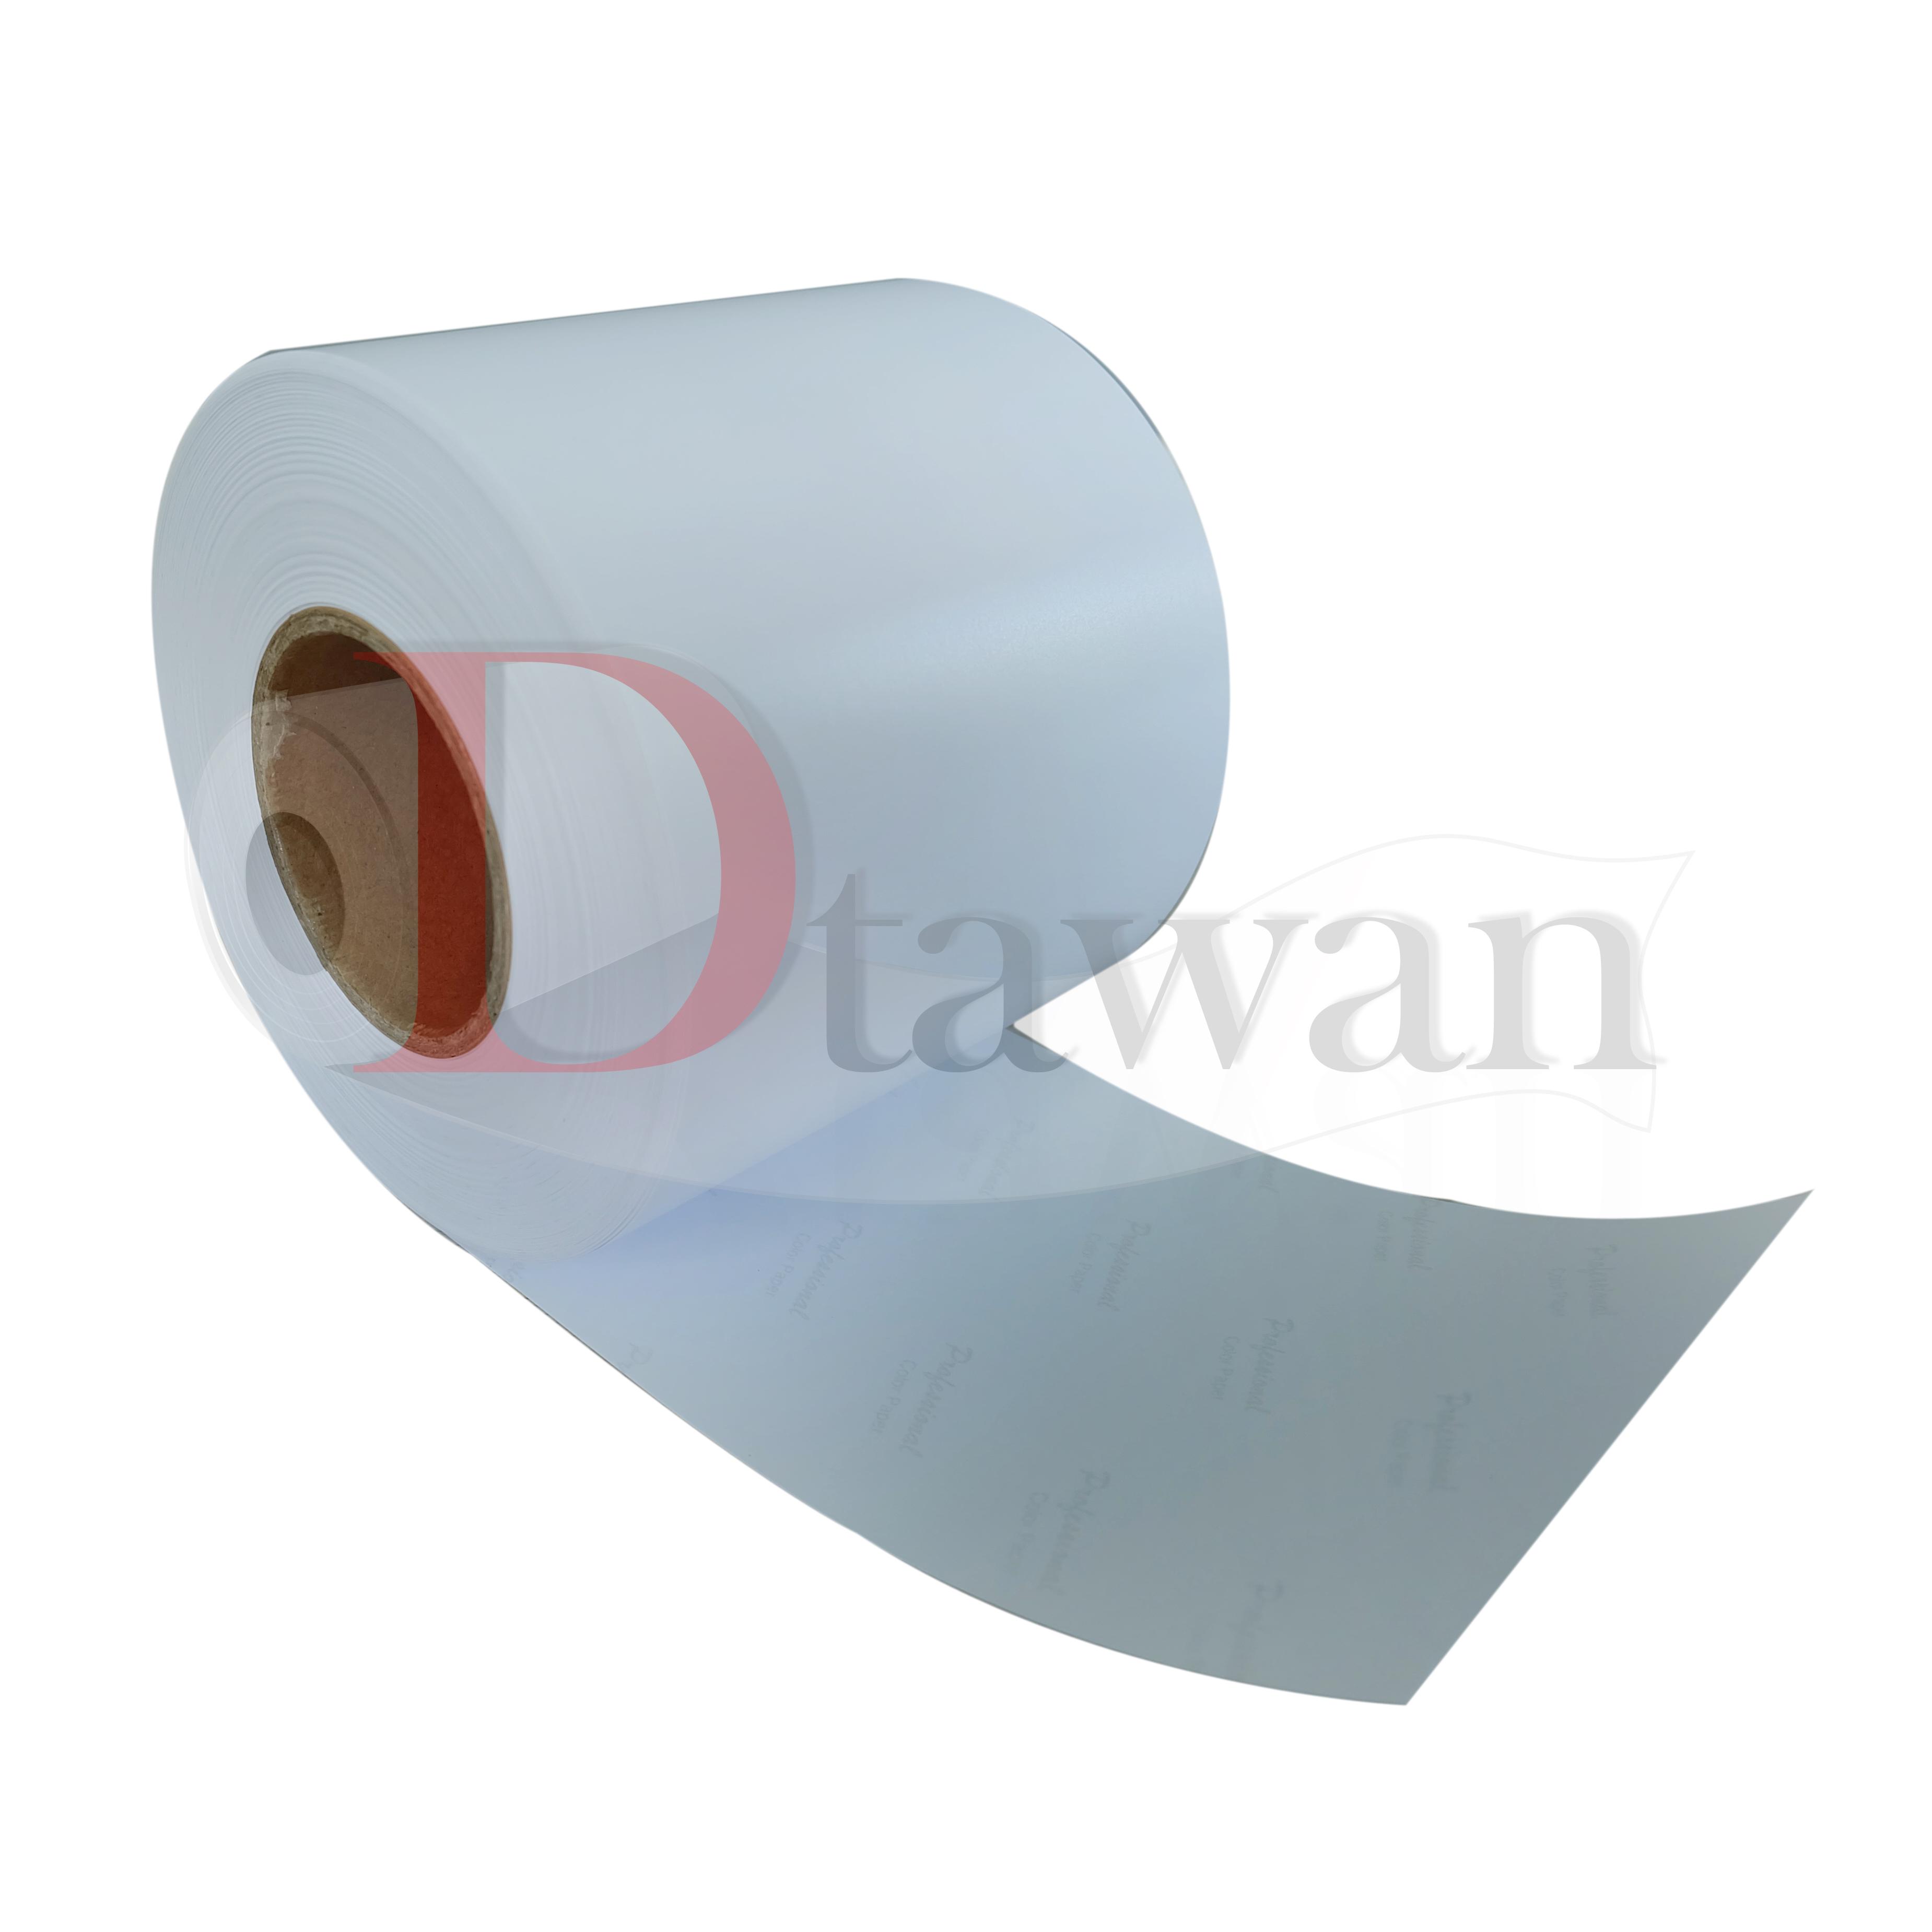 กระดาษโฟโต้สำหรับ EPSON D700 / FUJI DX100 260g ชนิดผิวด้าน แบบม้วน หน้ากว้าง 6นิ้ว ความยาว 65เมตร